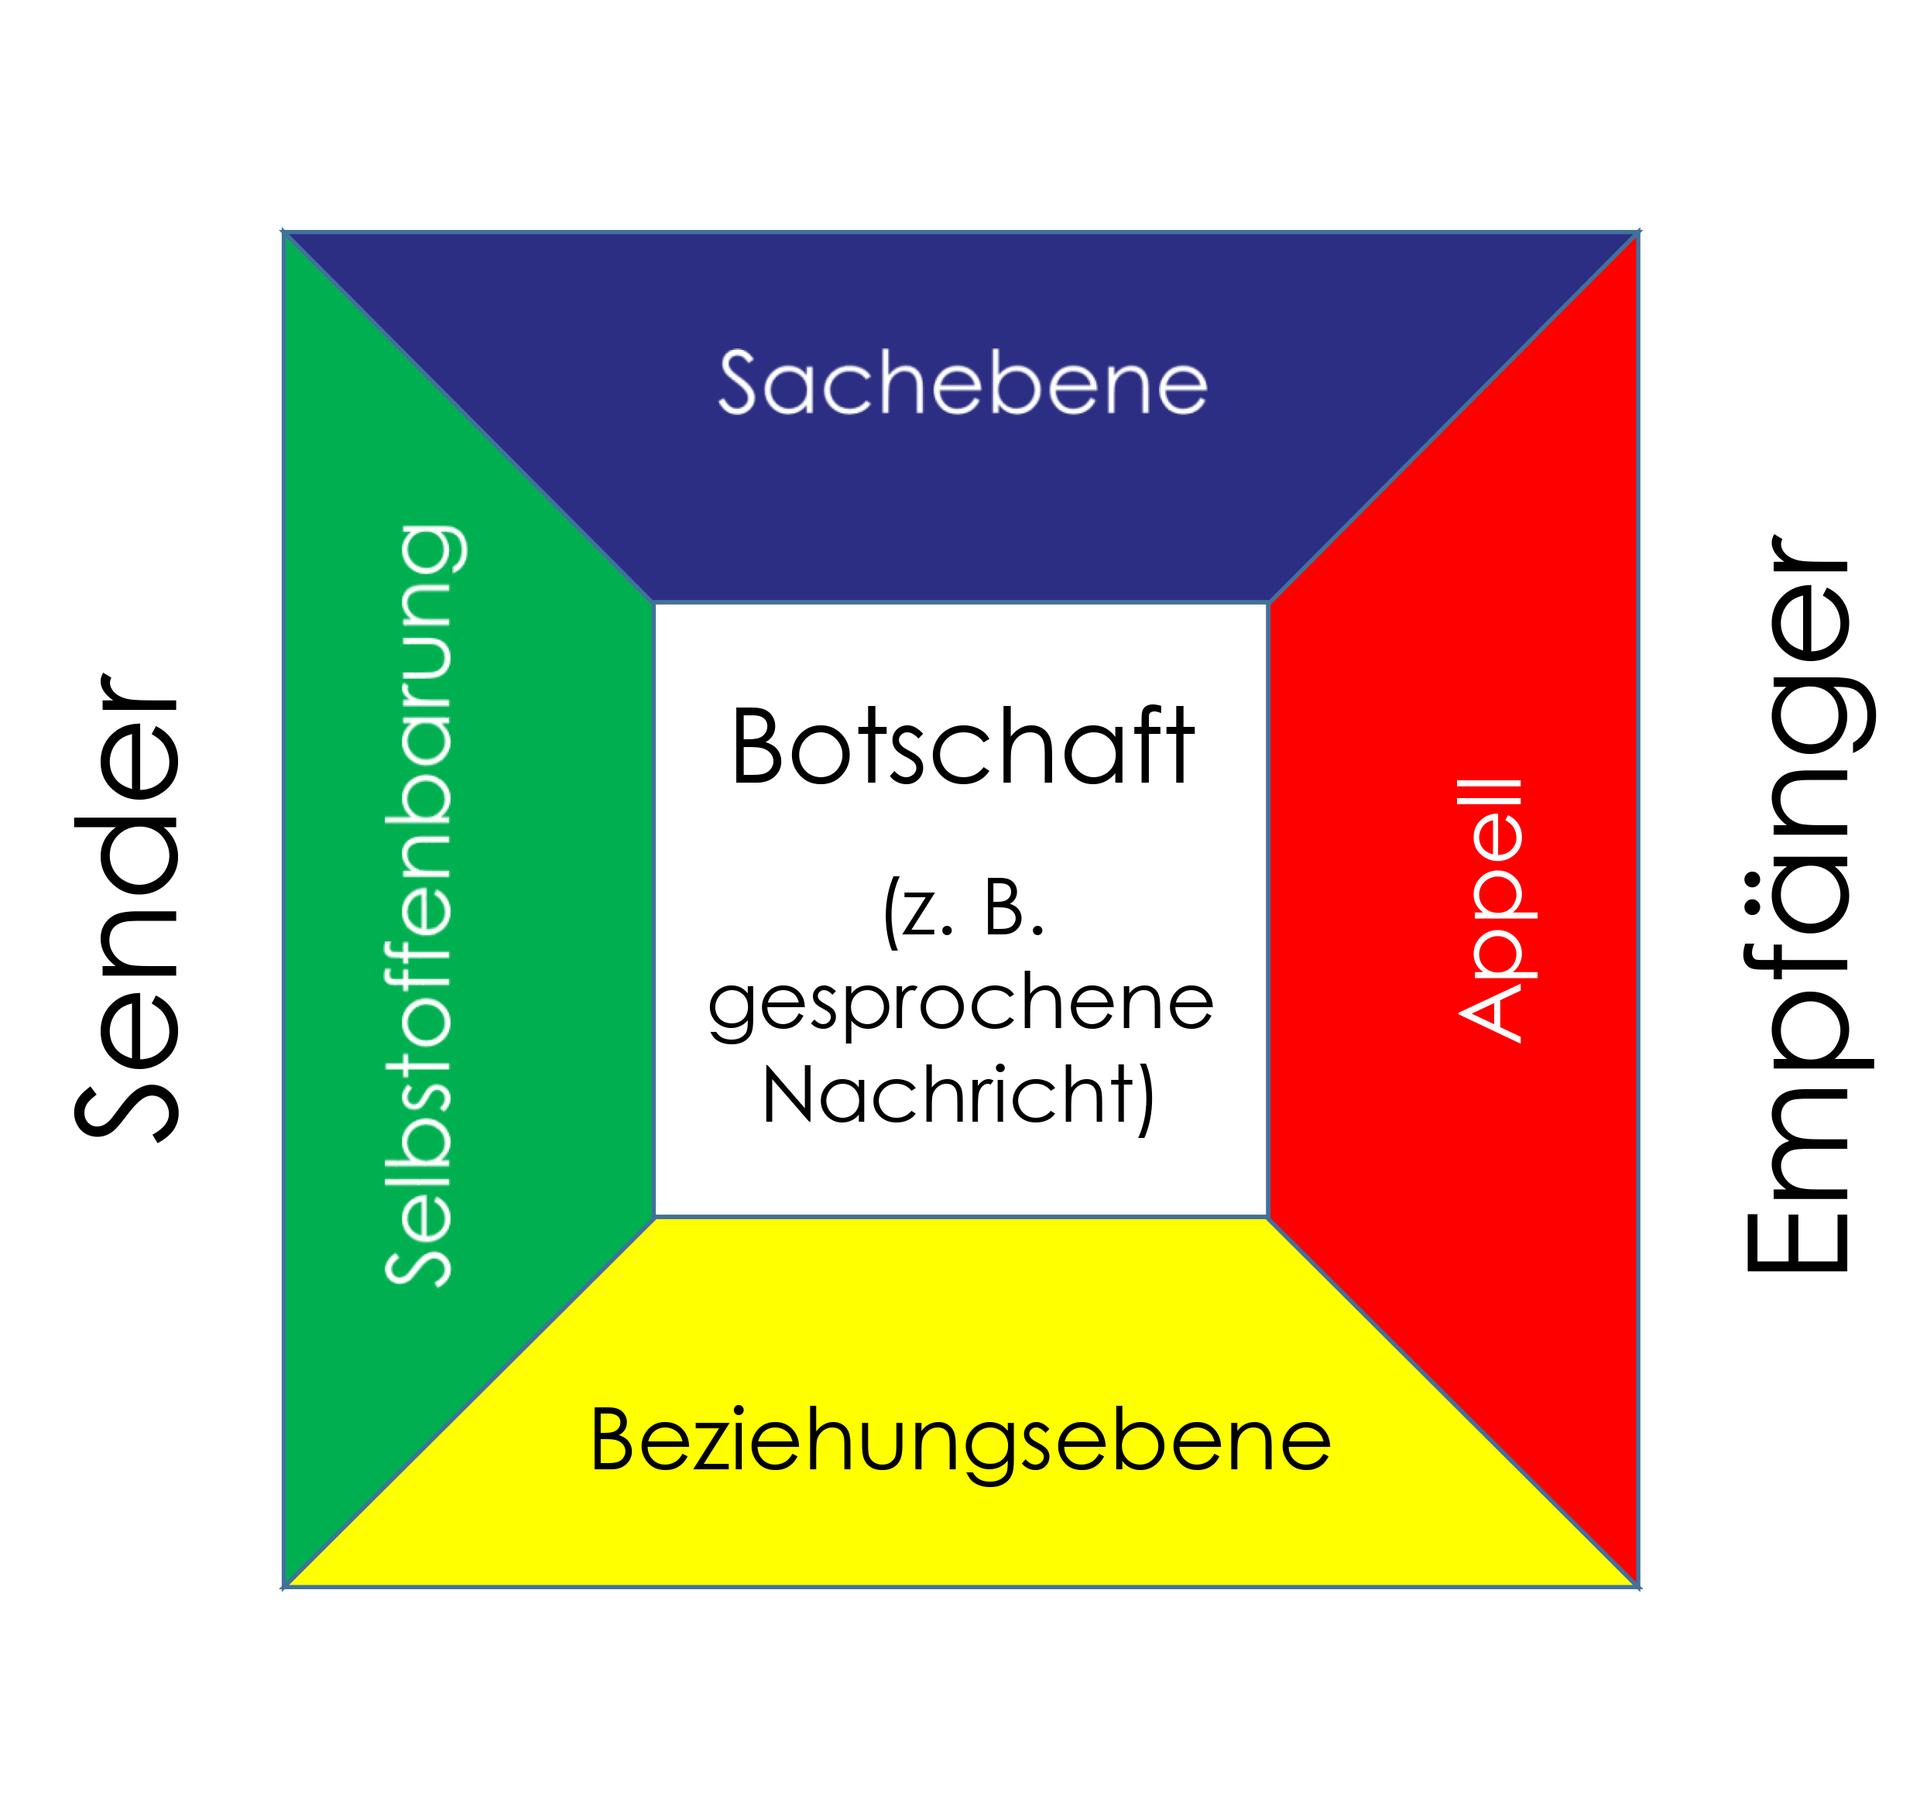 kommunikation im alltag step ing akademie fr vertrieb und kommunikation frankfurt am hessen - Kommunikationsquadrat Beispiel